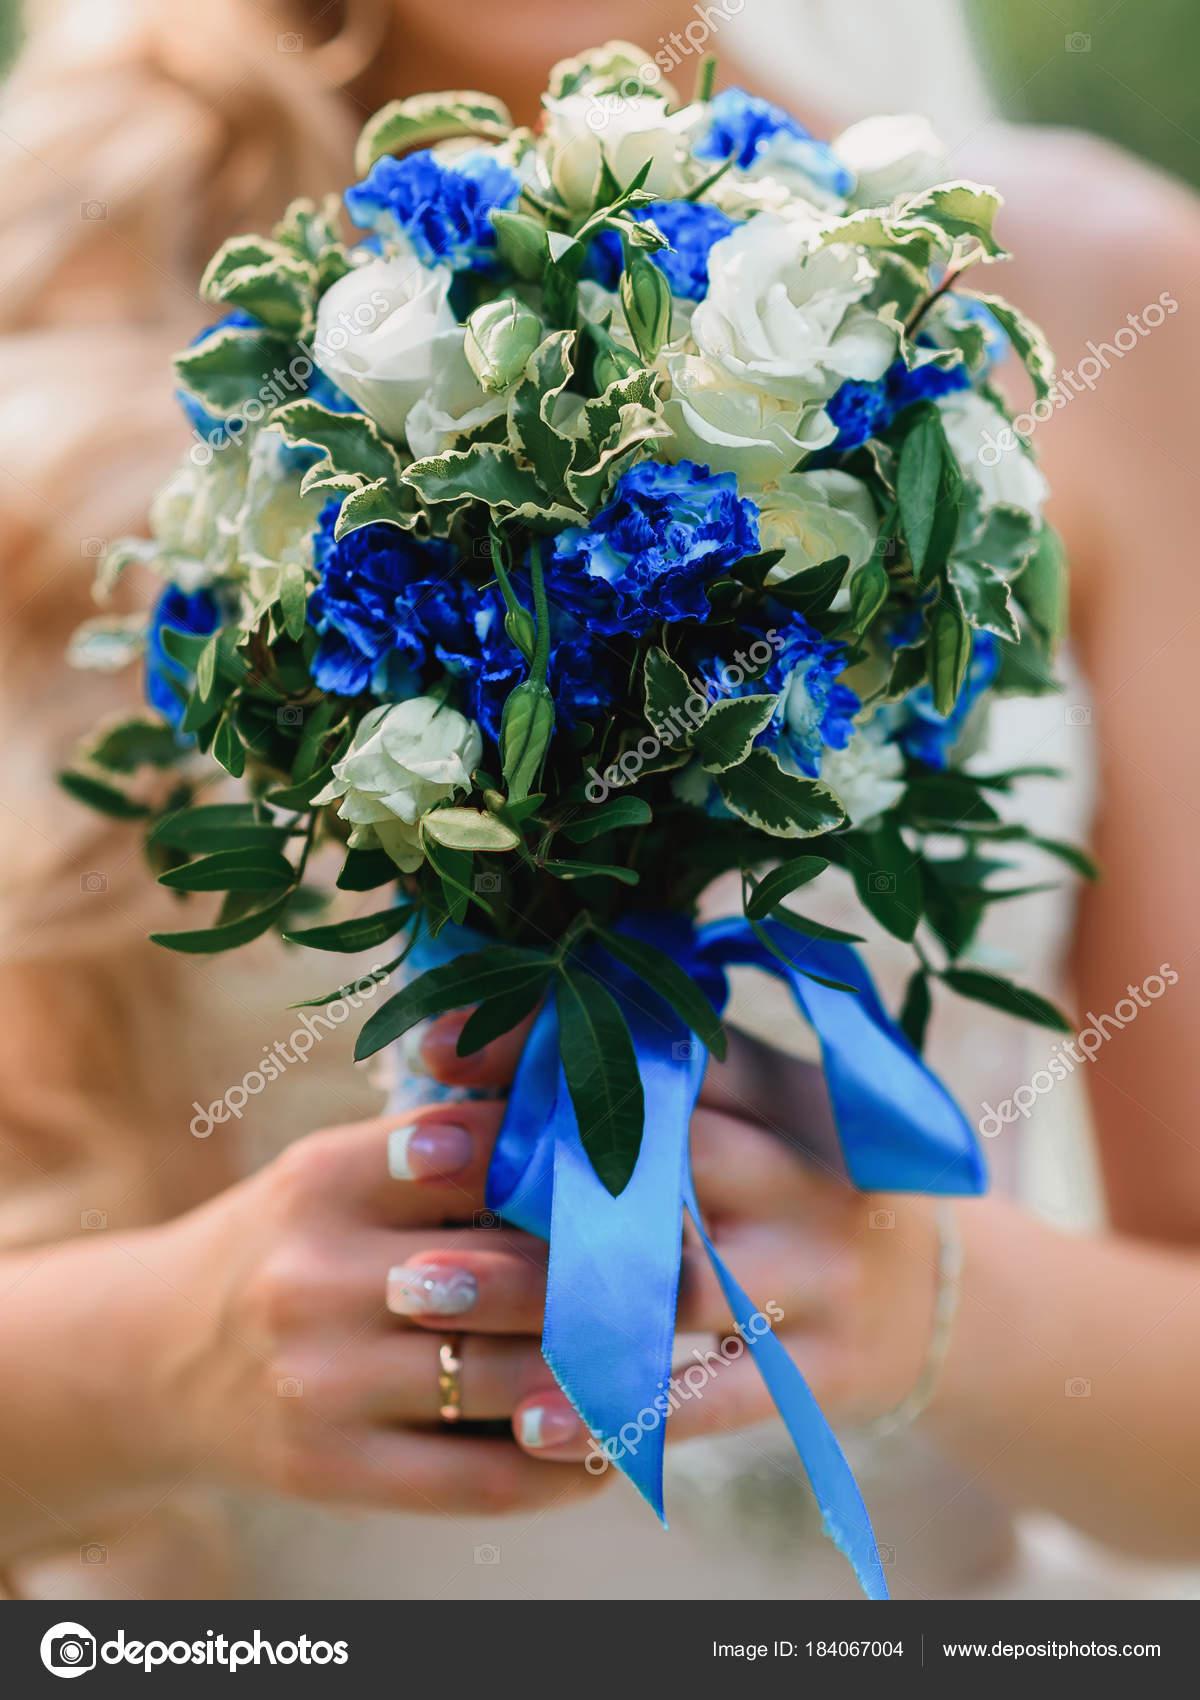 Bouquet Sposa Con Rose Bianche E Blu.Bouquet Da Sposa Con Rose Bianche E Fiori Blu Nelle Mani